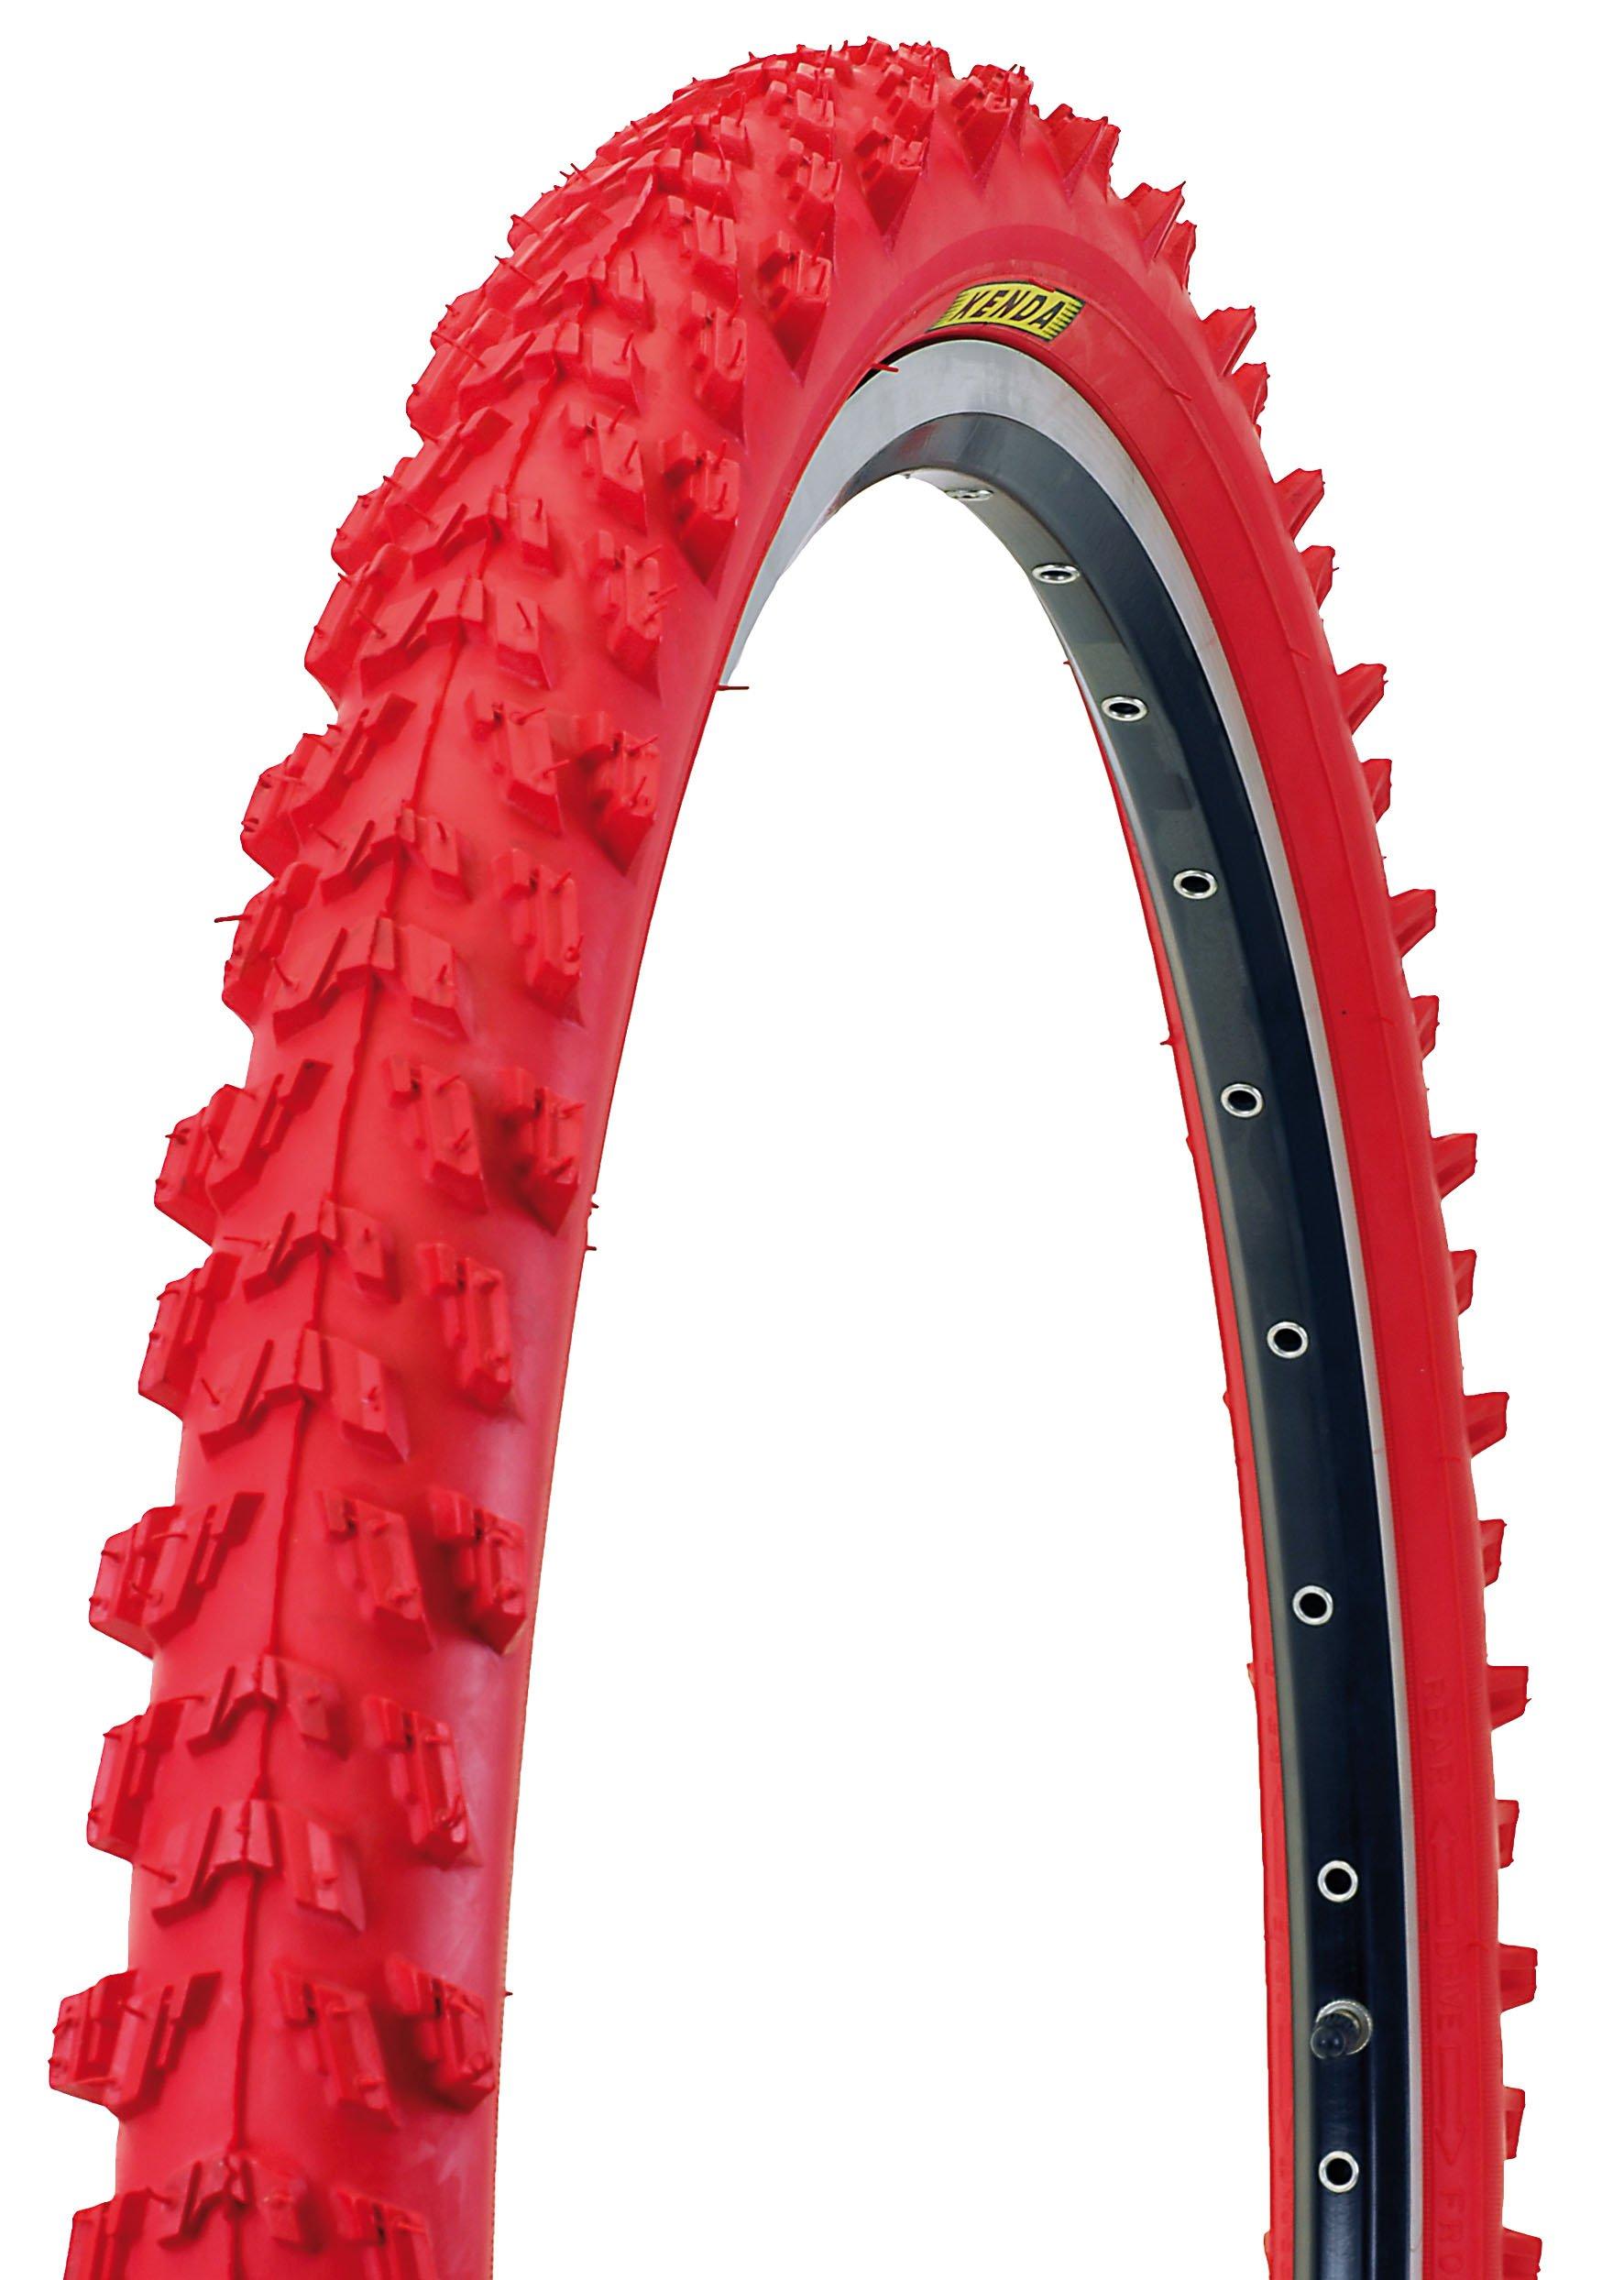 Rød Kenda dæk til MTB 26x1,95 K-829 - 99,00 : Cykelgear.dk - Cykelgear.dk